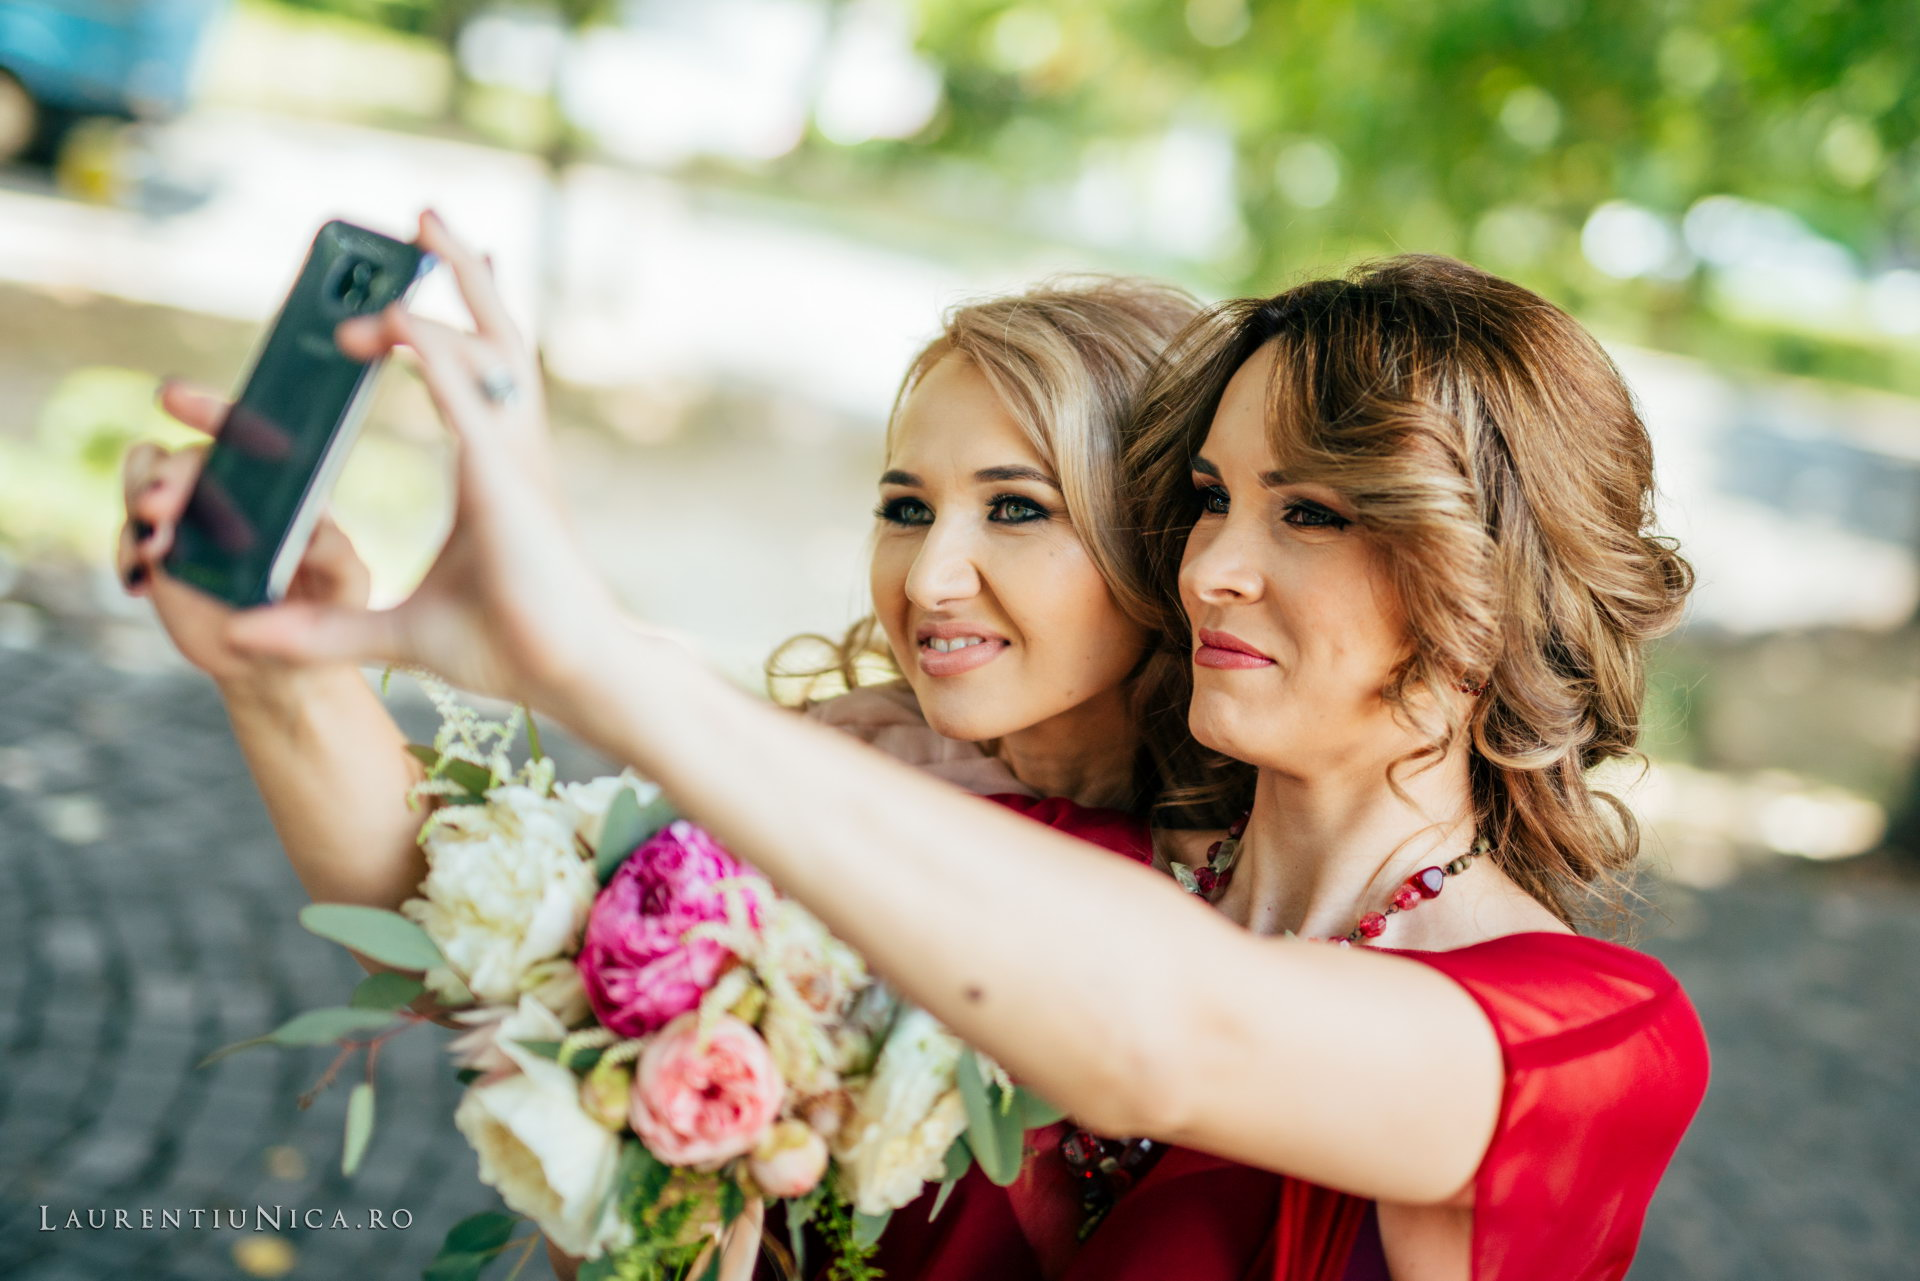 alina si razvan craiova fotograf nunta laurentiu nica12 - Alina & Razvan | Fotografii nunta